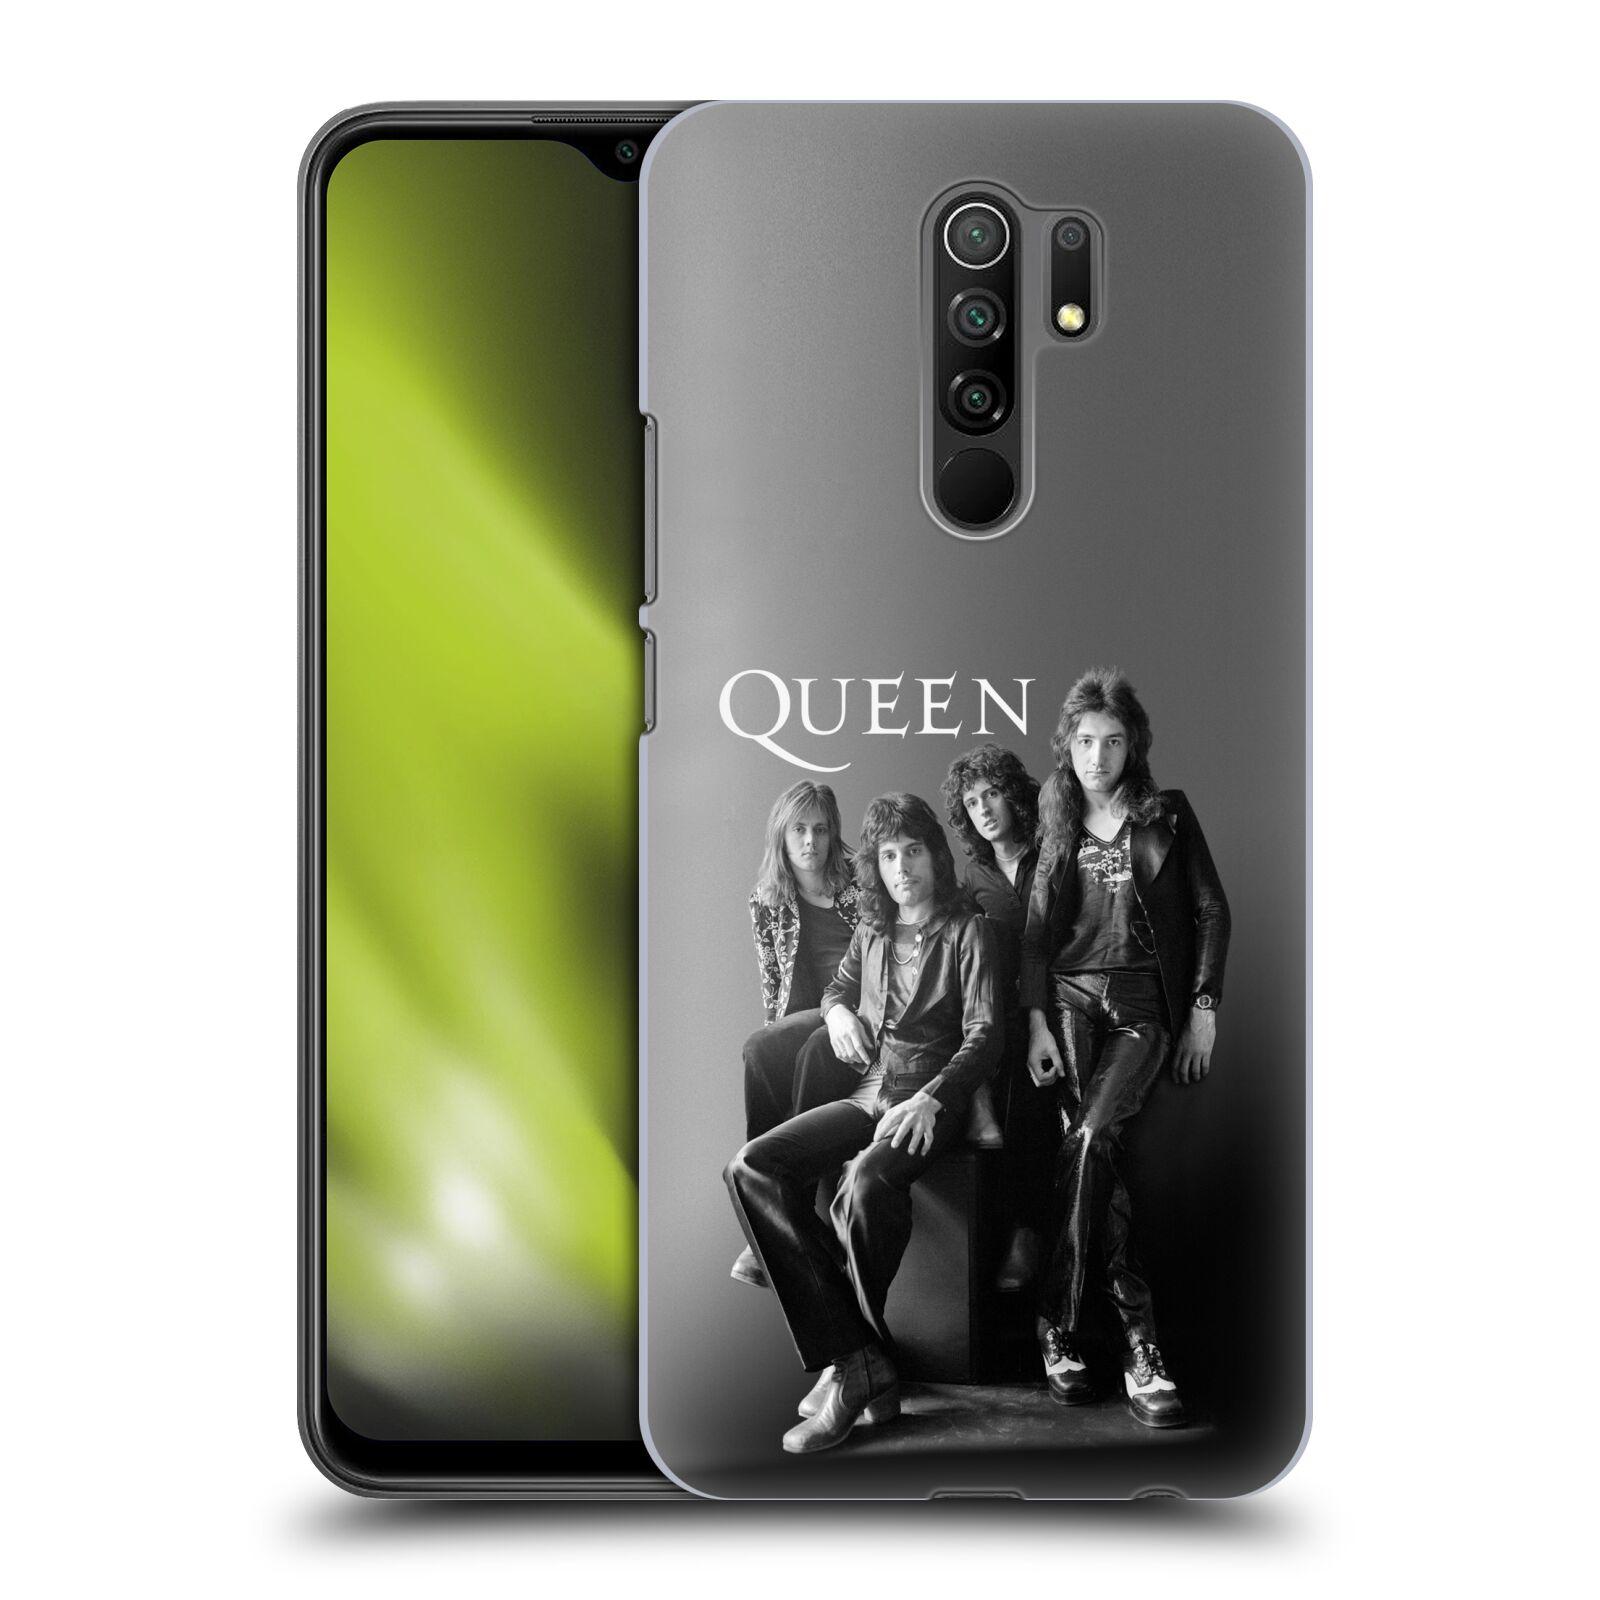 Plastové pouzdro na mobil Xiaomi Redmi 9 - Head Case - Queen - Skupina